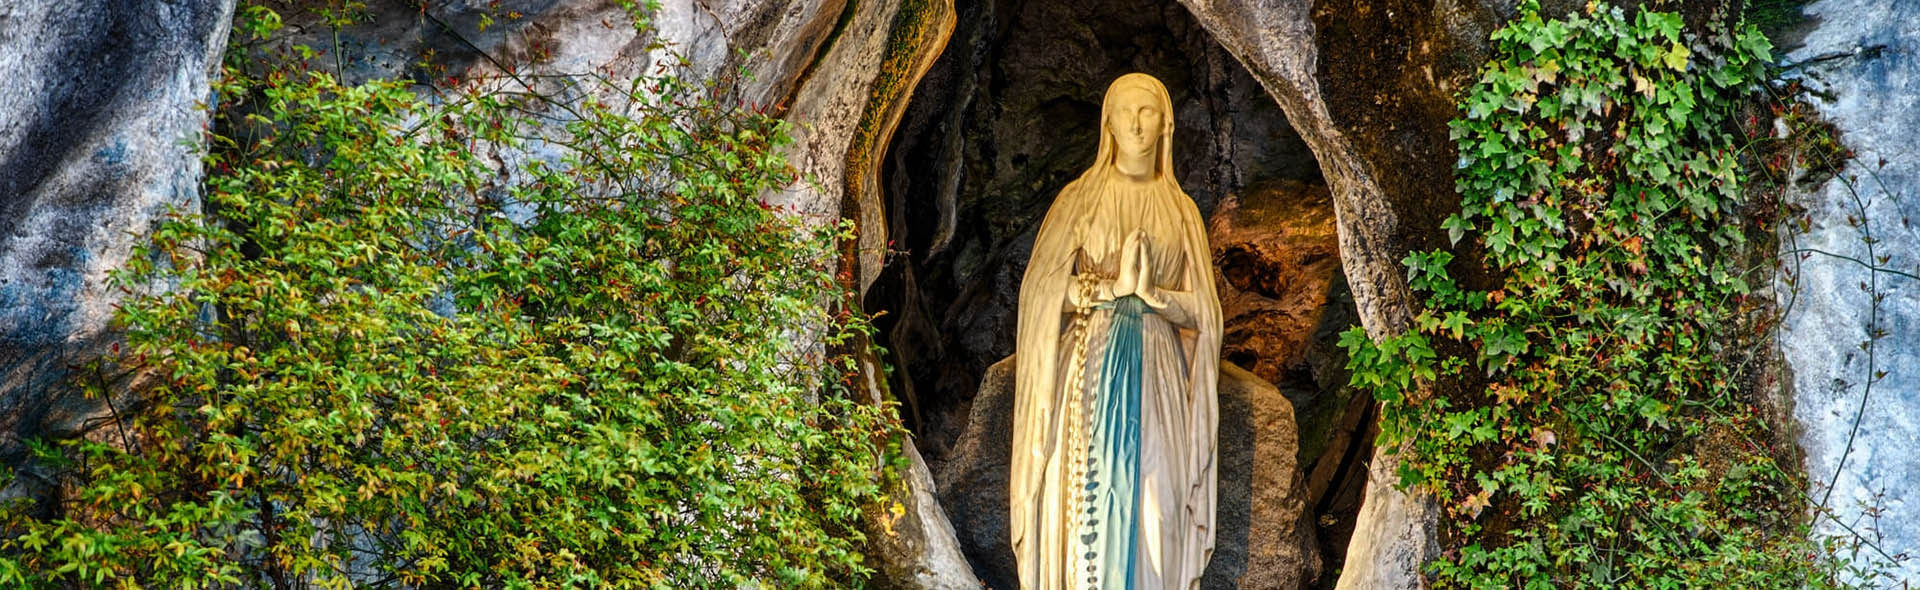 Viaggio a Lourdes in Aereo da Napoli Inizio Settembre